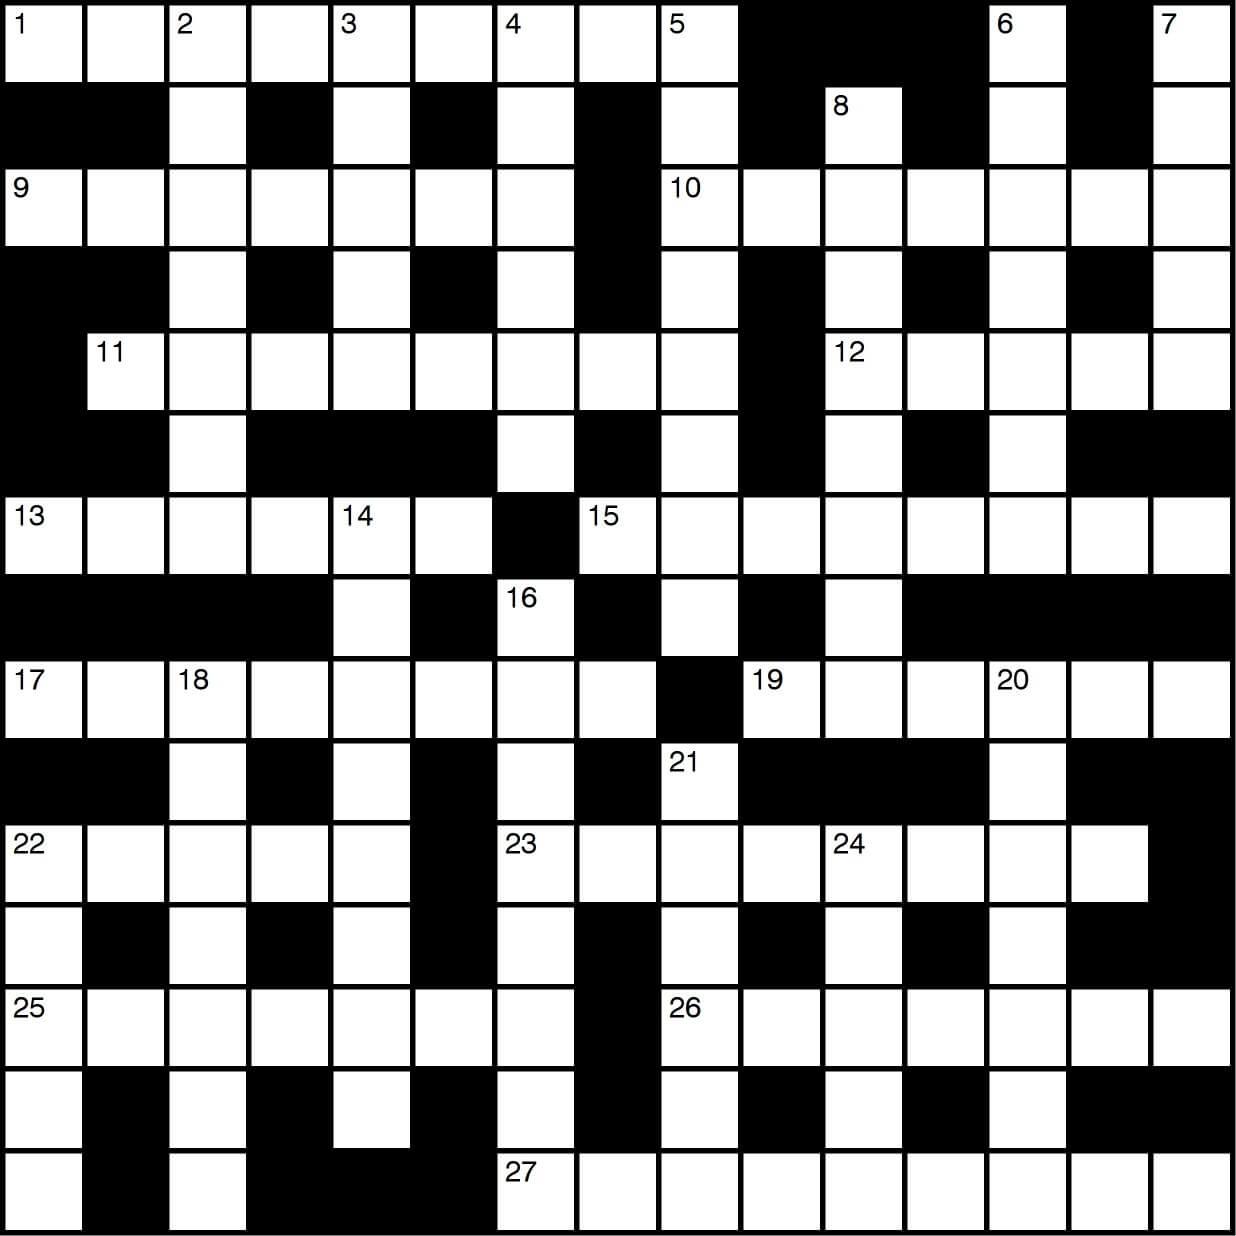 missing-vowels-uk-17